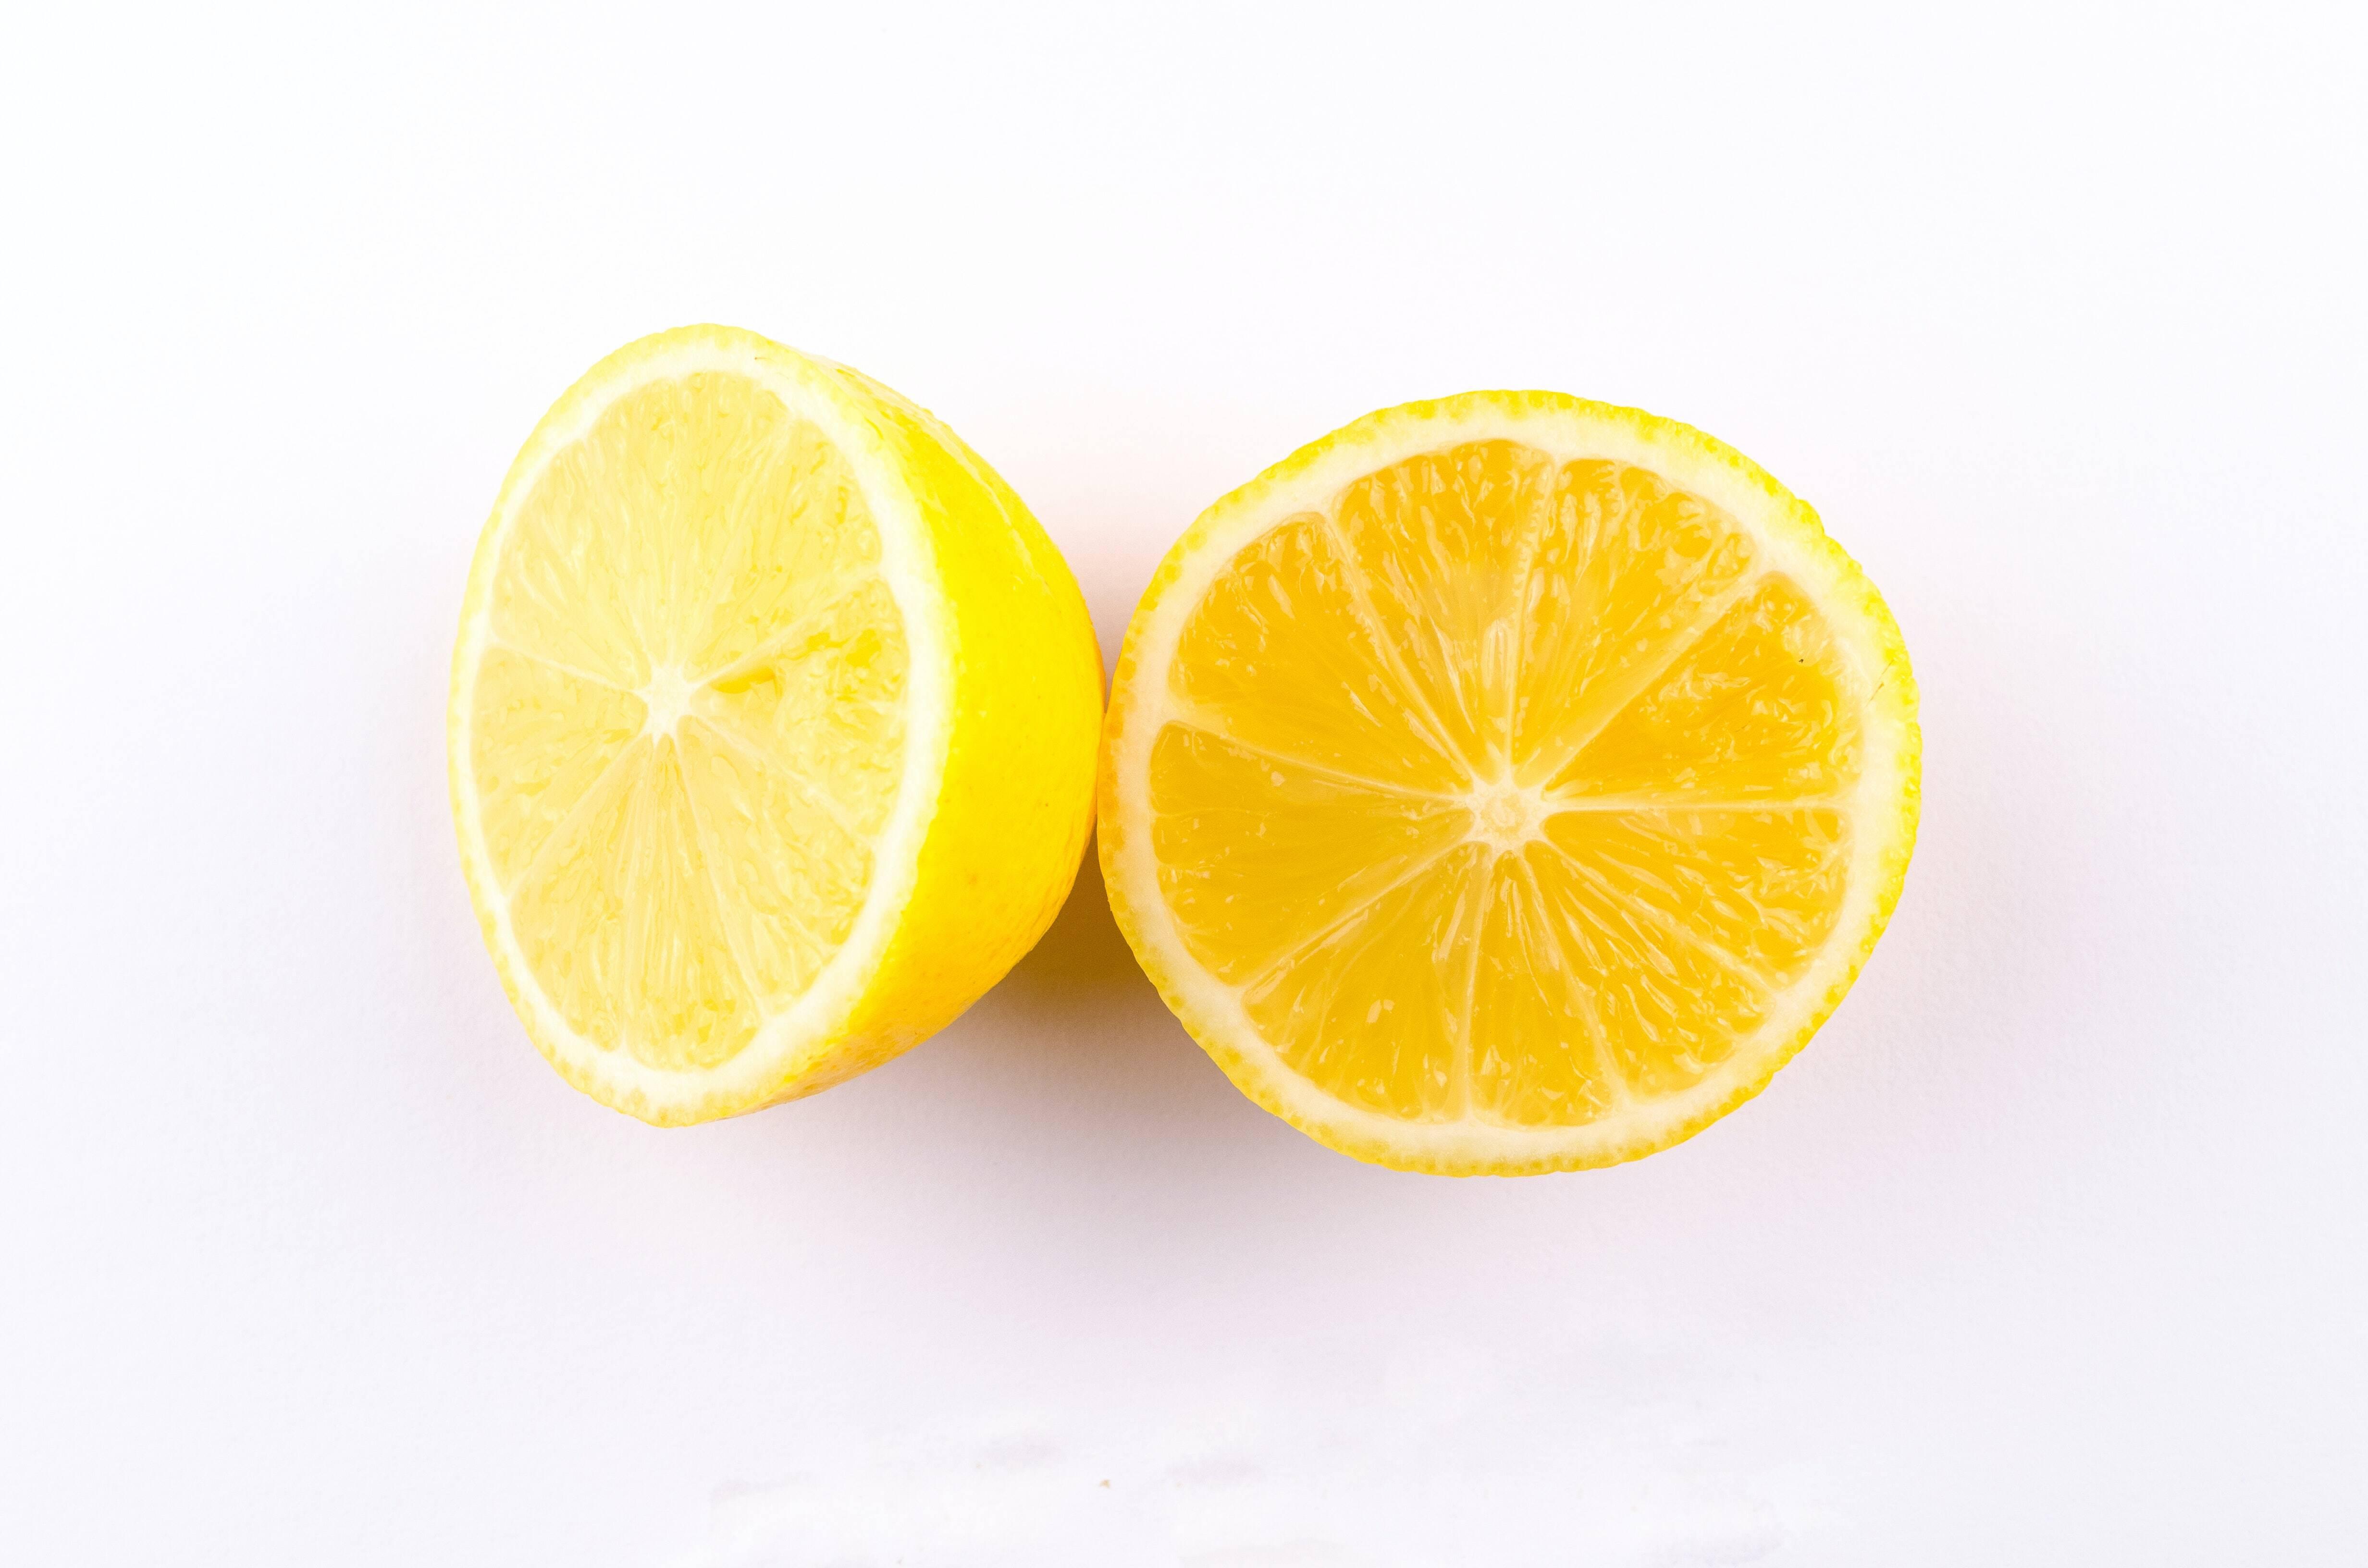 5.- Limão - Pode tomá-lo na forma de sumo, chá ou incluí-lo como ingrediente numa grande variedade de pratos e sobremesas. Possui propriedades descongestionantes e anti-sépticas. Sugere-se que além de incluí-lo em sua dieta por meio de pratos que contenham limão, seja possível comer fatias diariamente. (Foto: Pexels)